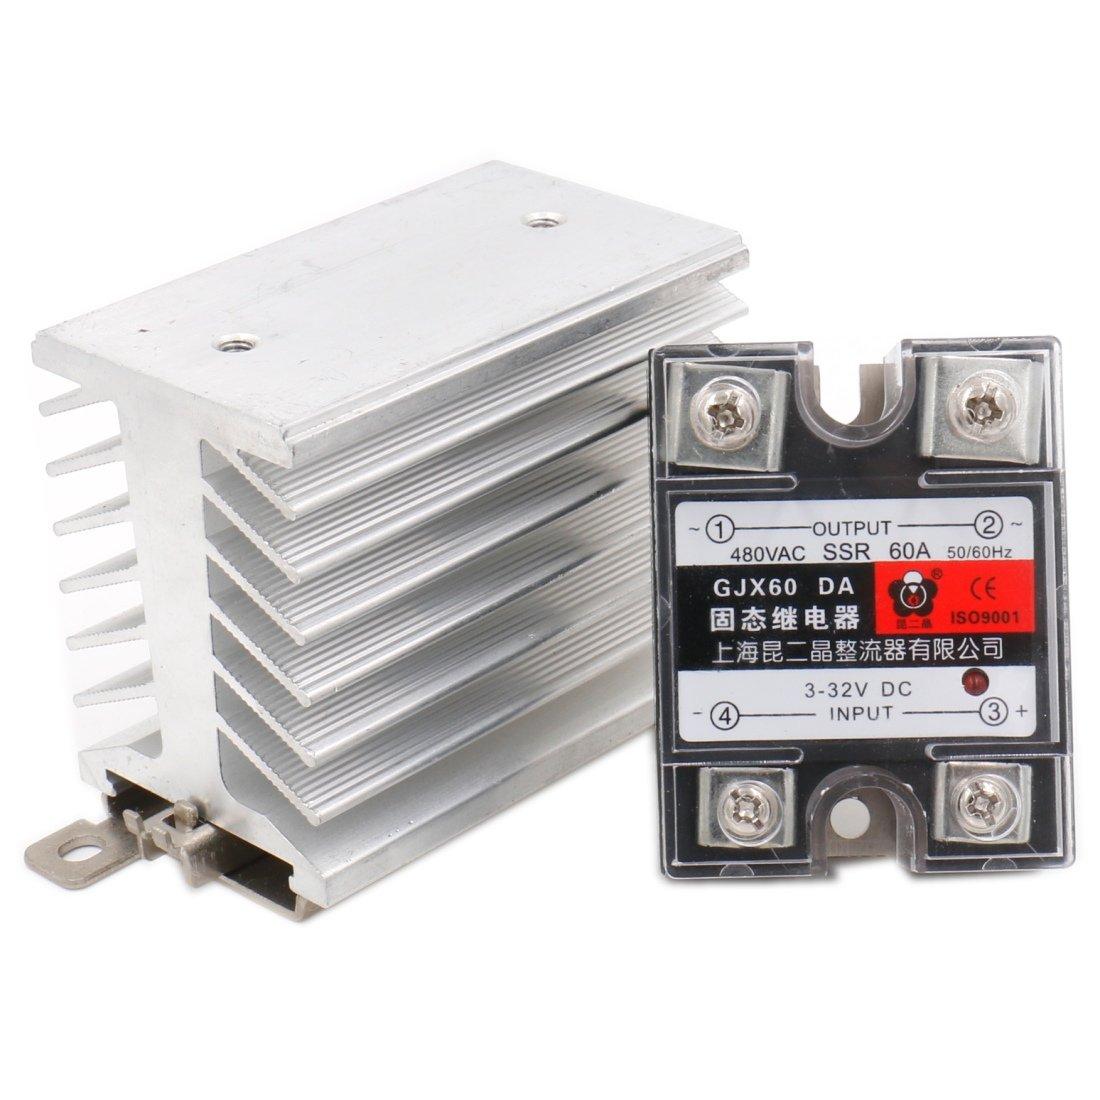 Baomain SSR-60DA 60A Solid State Relay Module 3-32VDC / 24-480VAC + Heat Sink